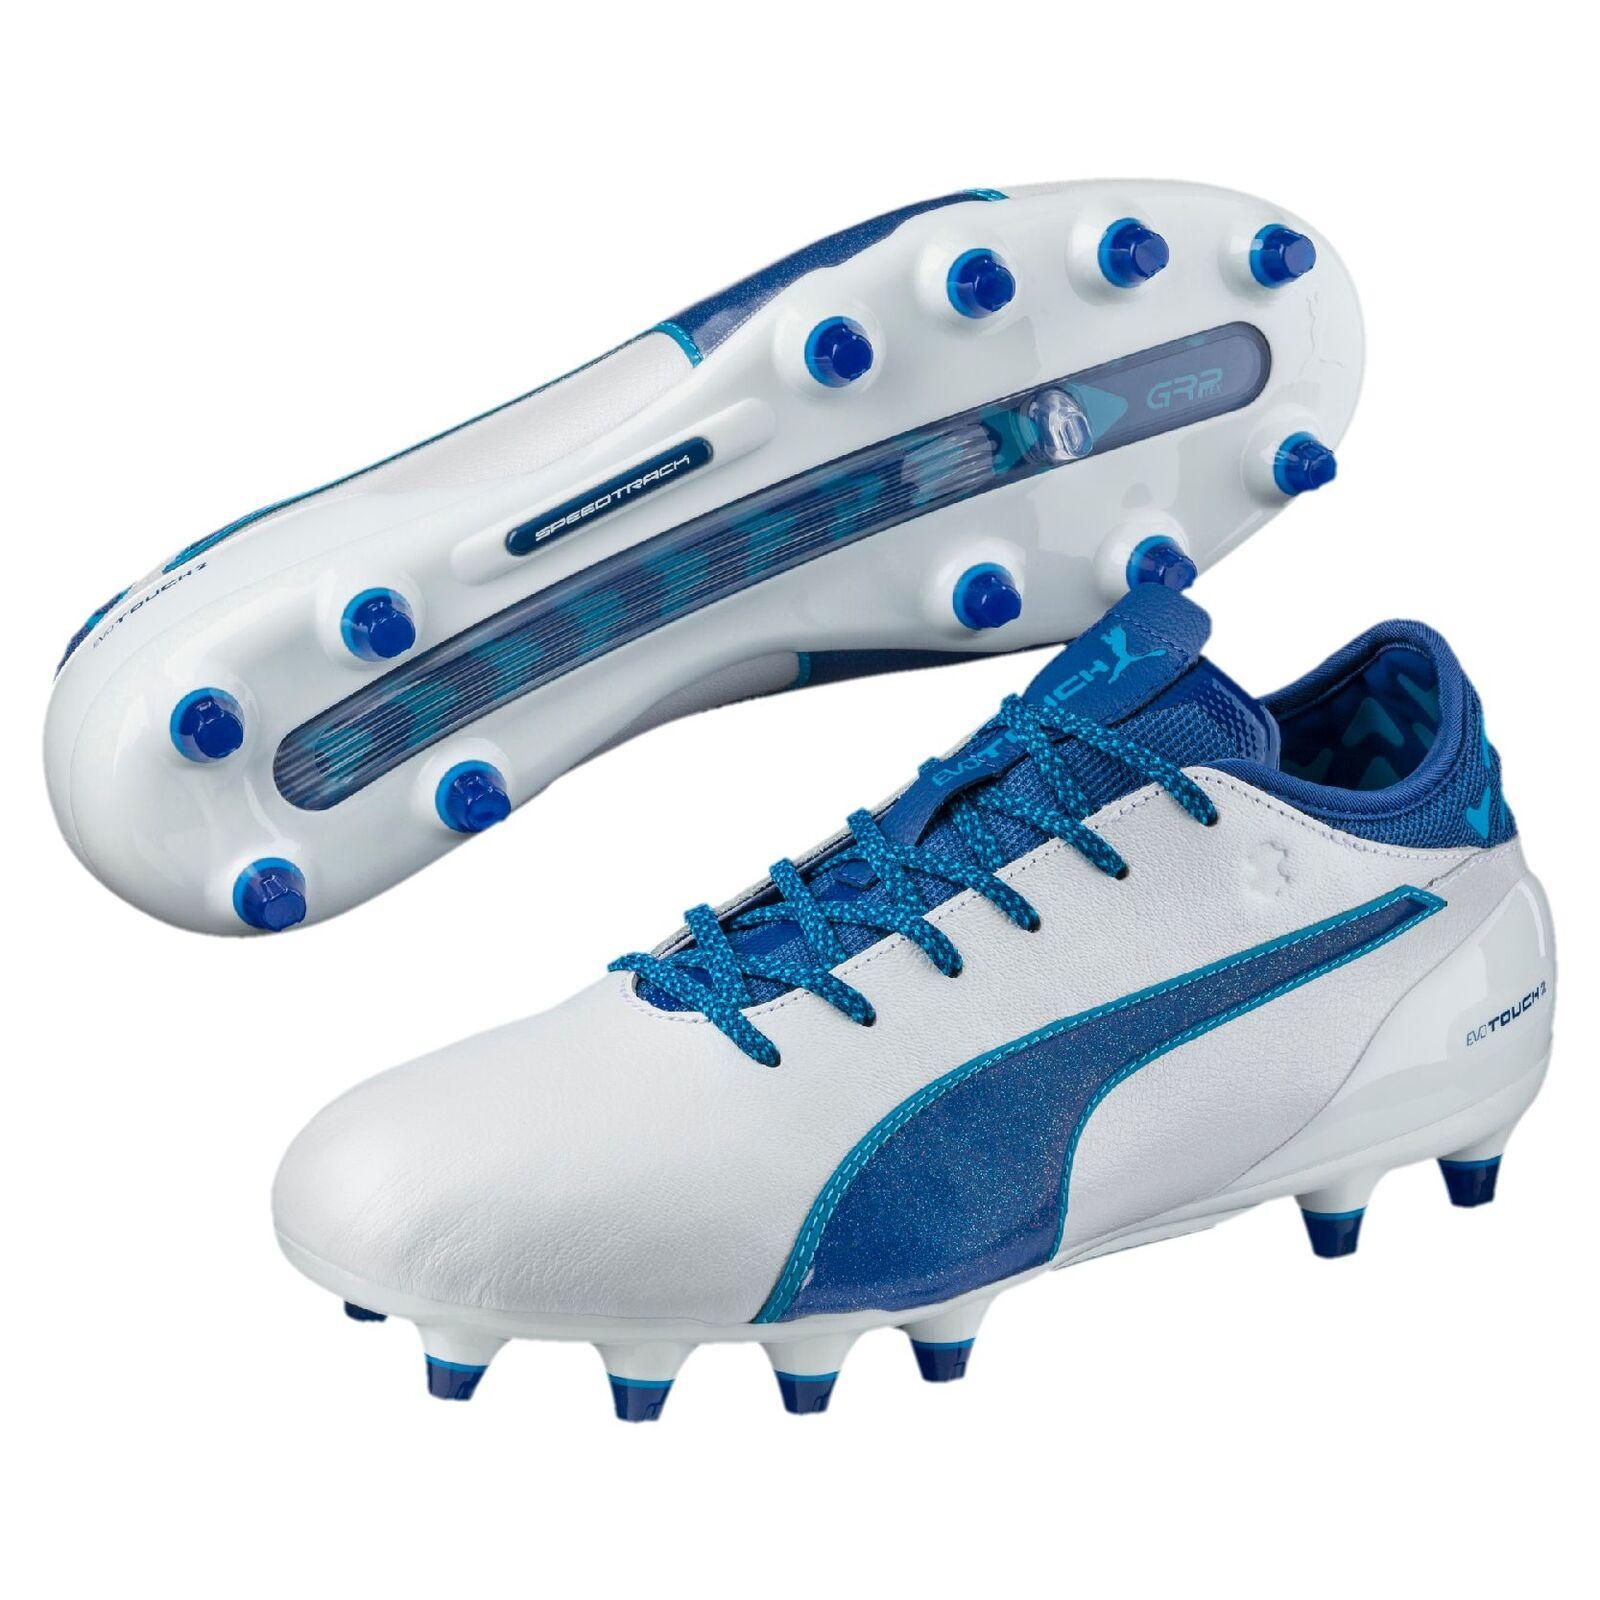 PUMA evoTOUCH 2 FG Herren Fußballschuhe Männer Schuhe Fußball Neu